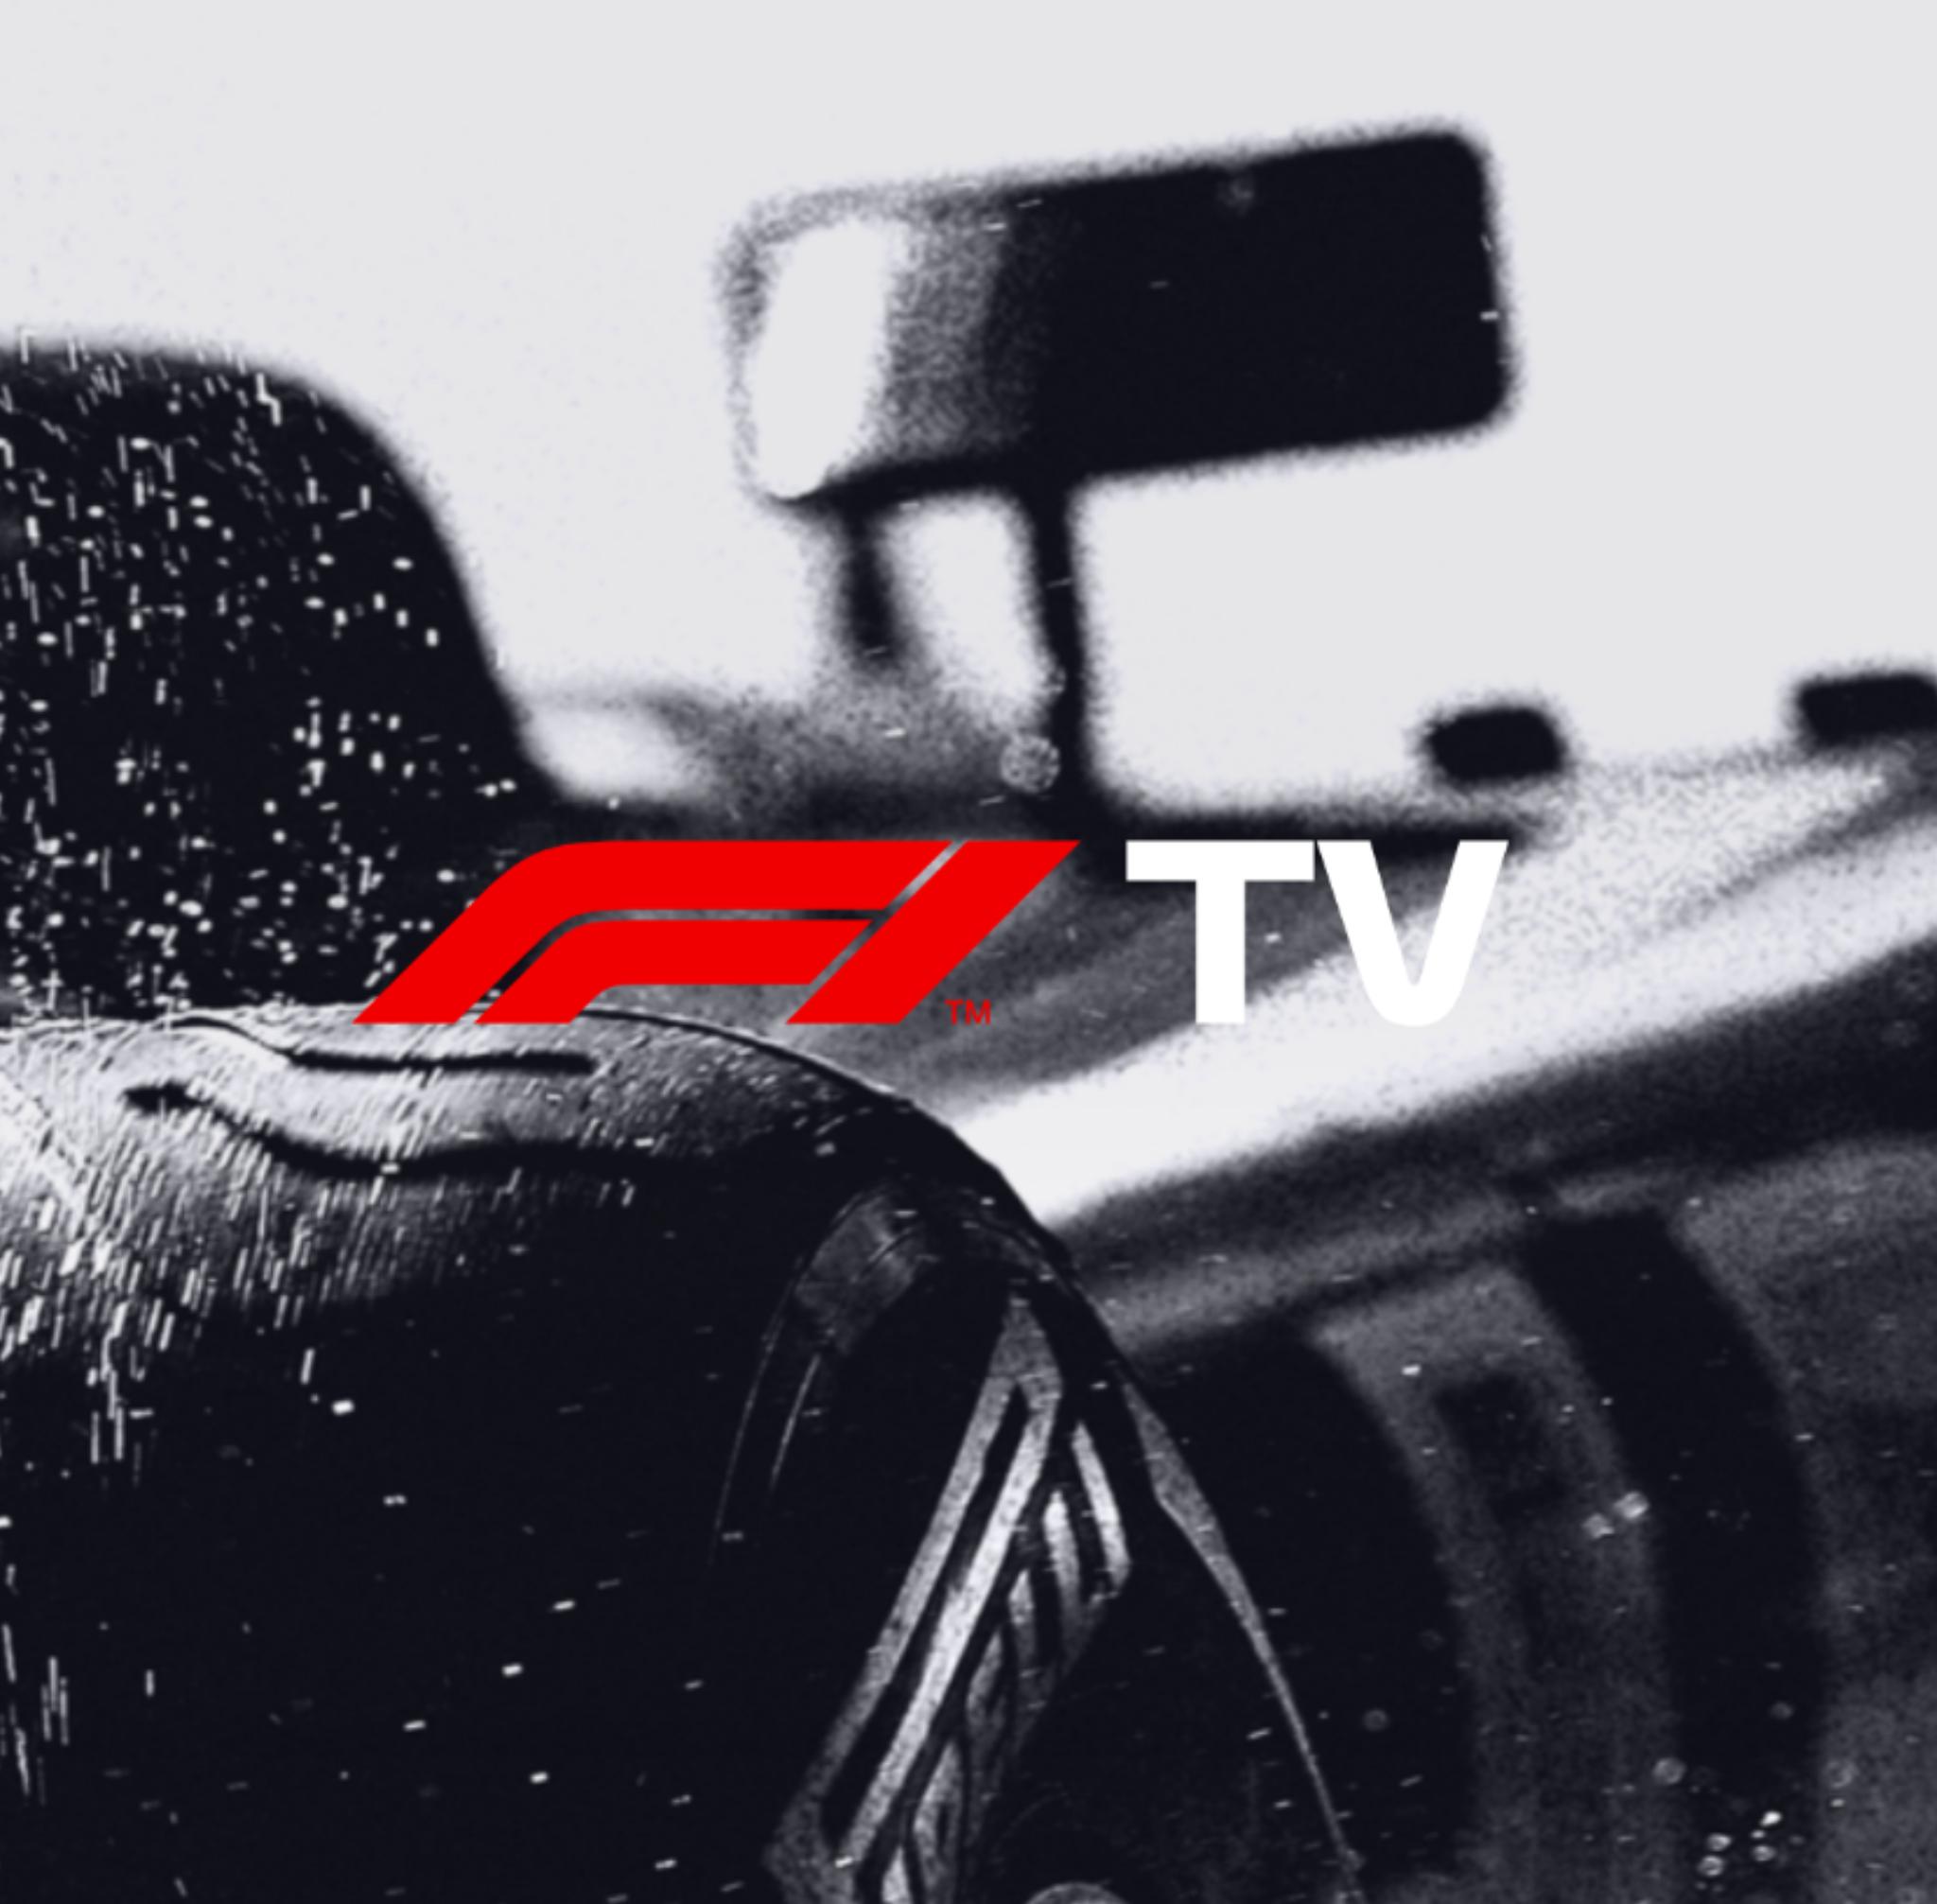 F1TV Pro - Jahresabo -50%